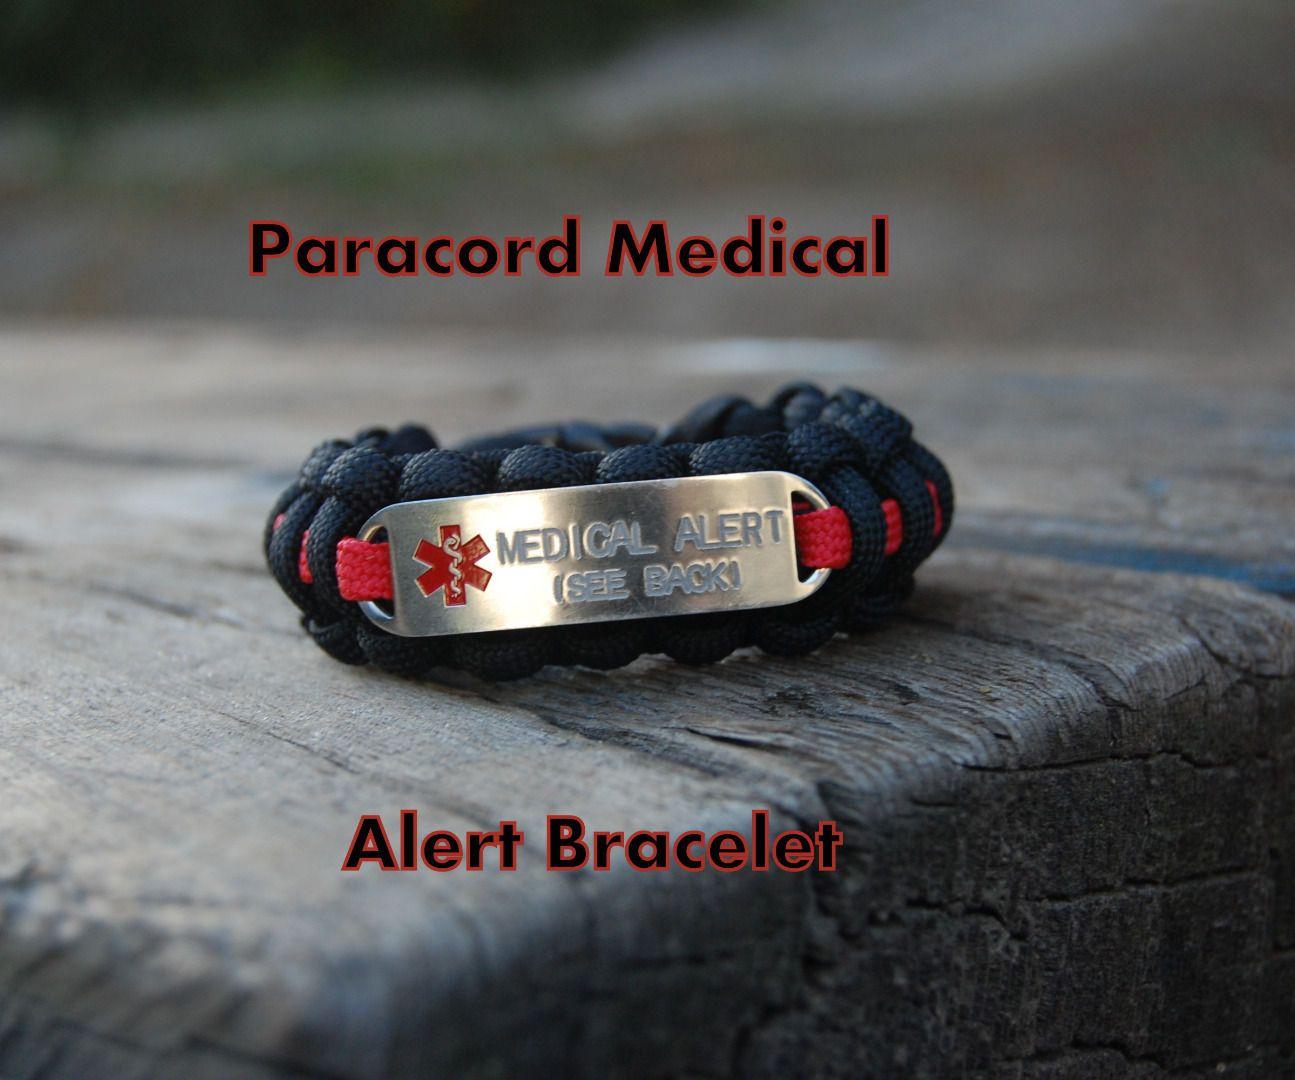 Paracord Medical Alert Bracelet Medic Alert Bracelets Alert Bracelet Medical Alert